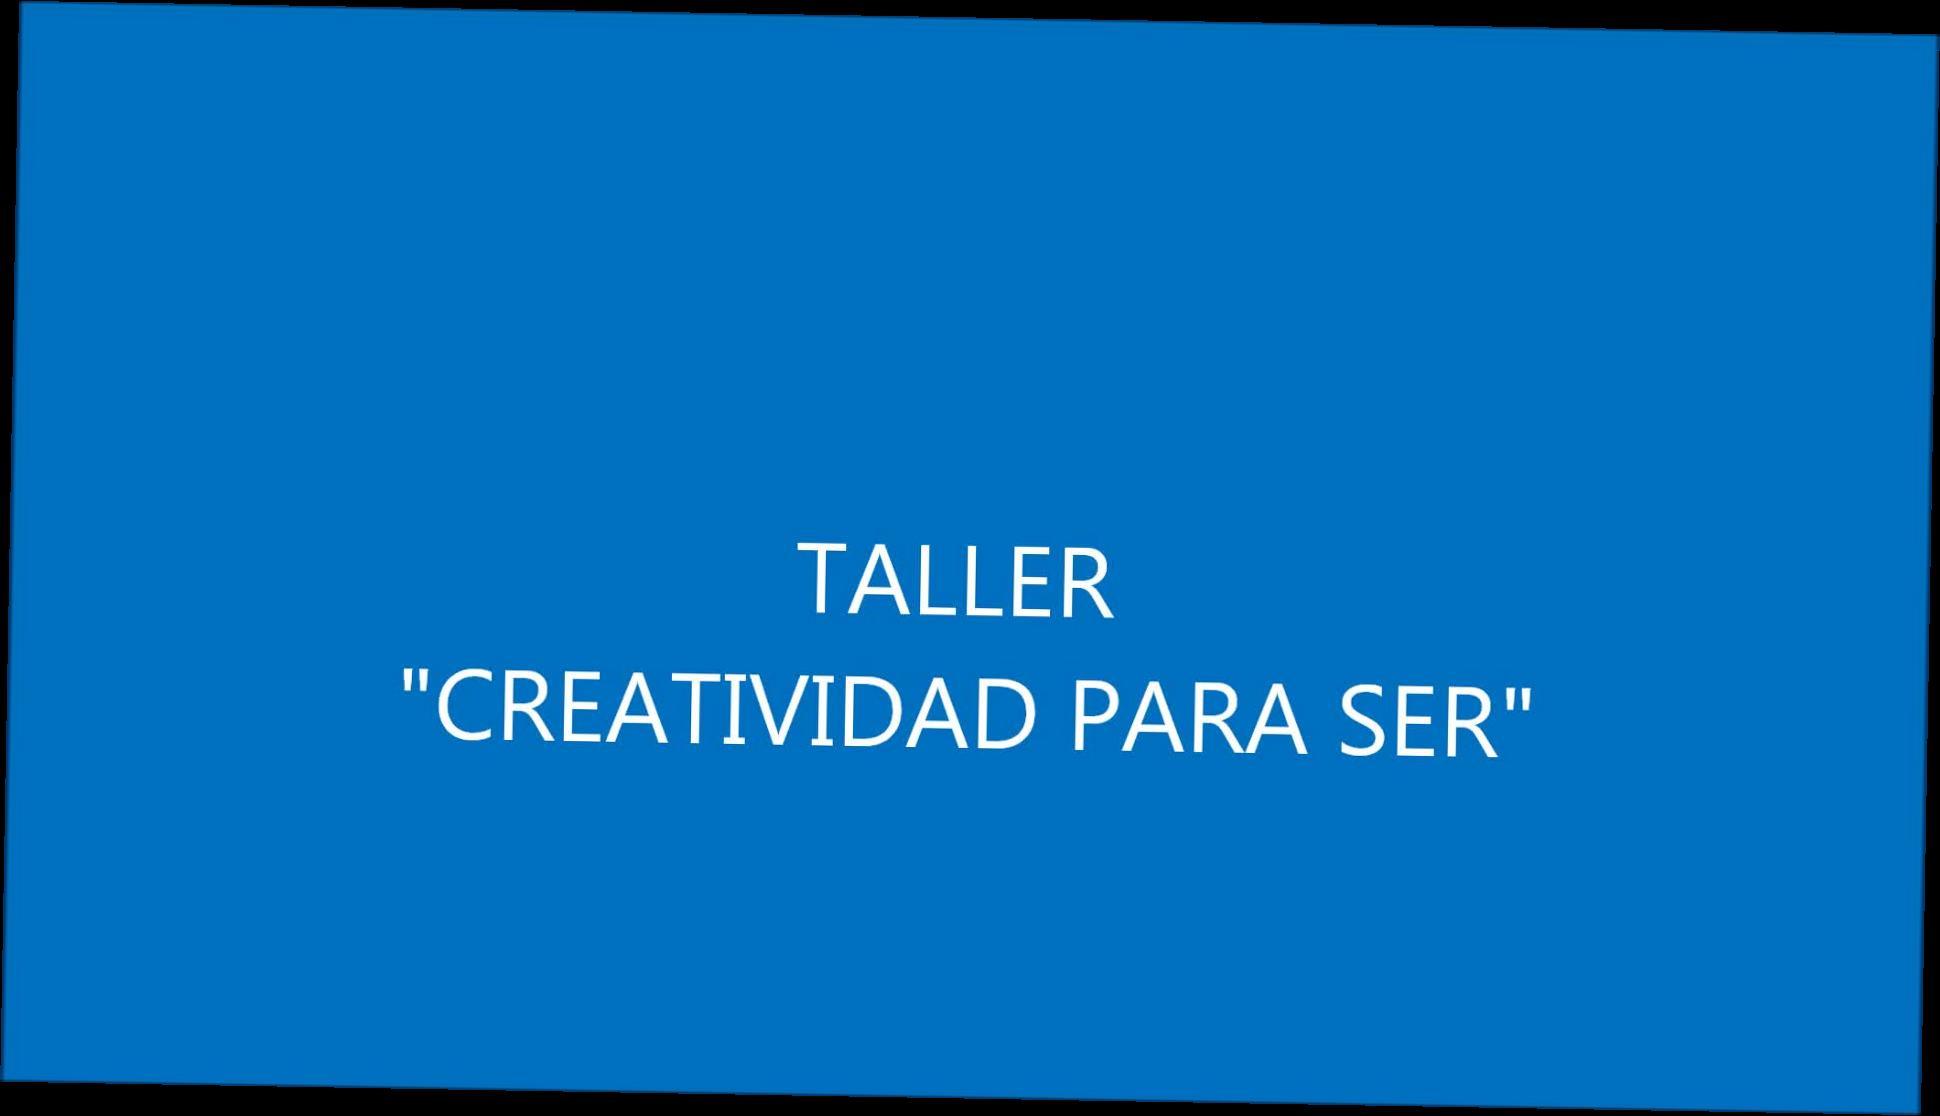 """TALLER """"CREATIVIDAD PARA SER"""" }}"""